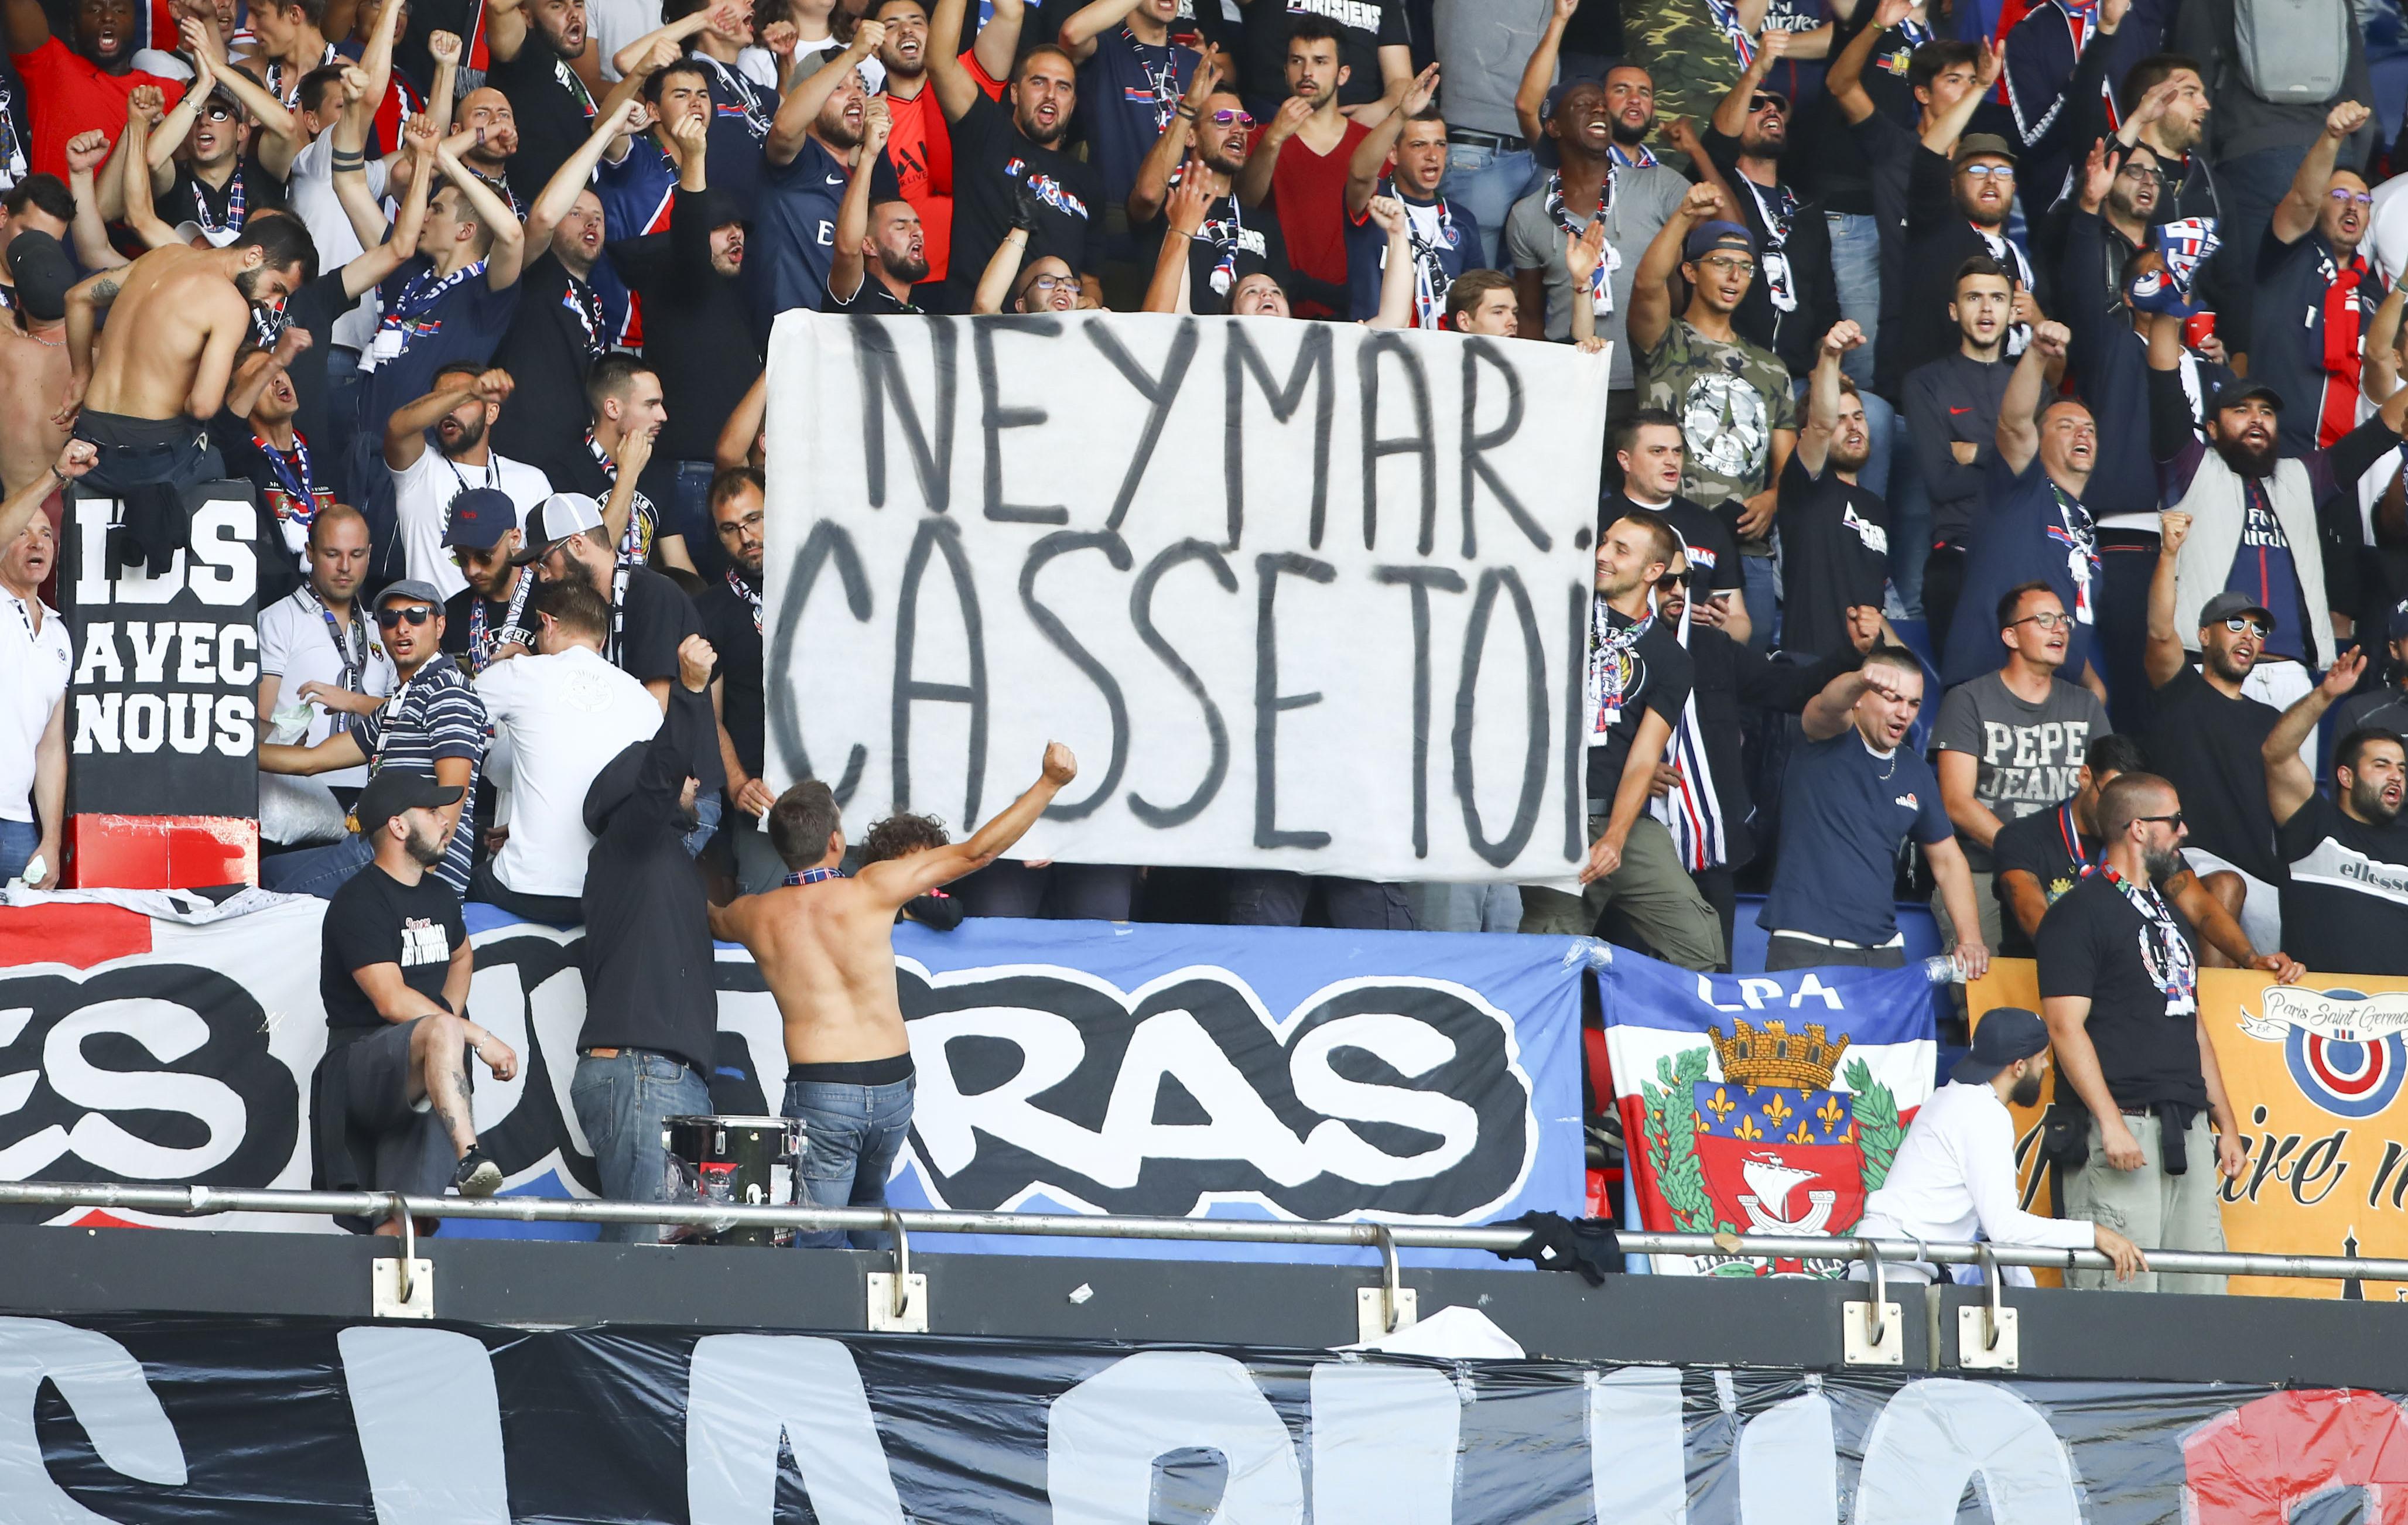 Football - Ligue 1 - Retour de Neymar : Les supporters du PSG promettent une ambiance hostile